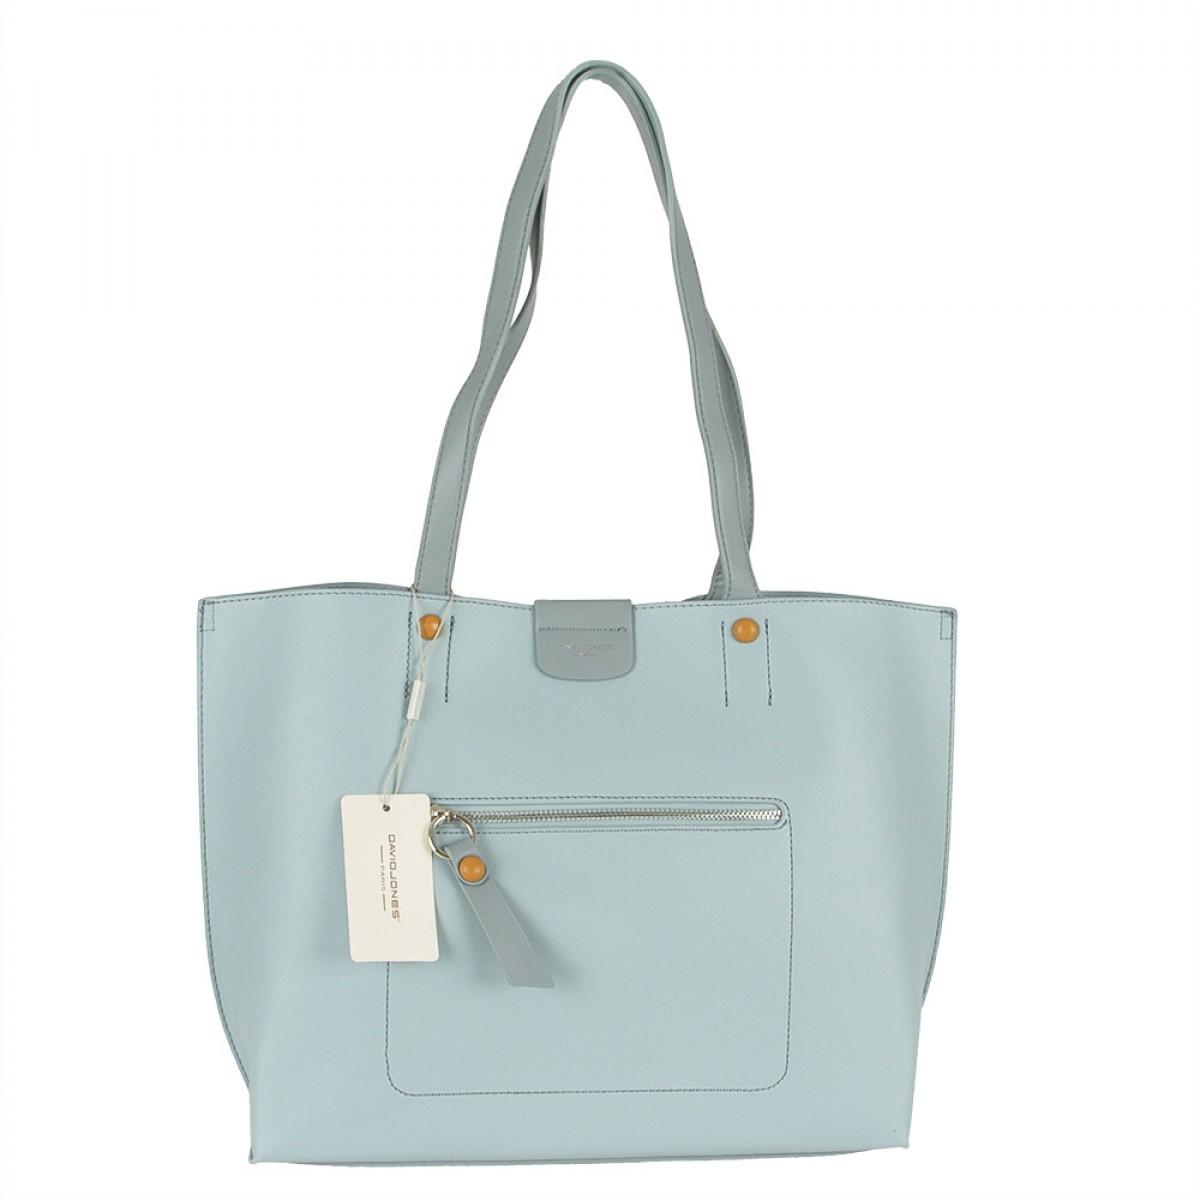 Жіноча сумка David Jones 6216-2 L.BLUE